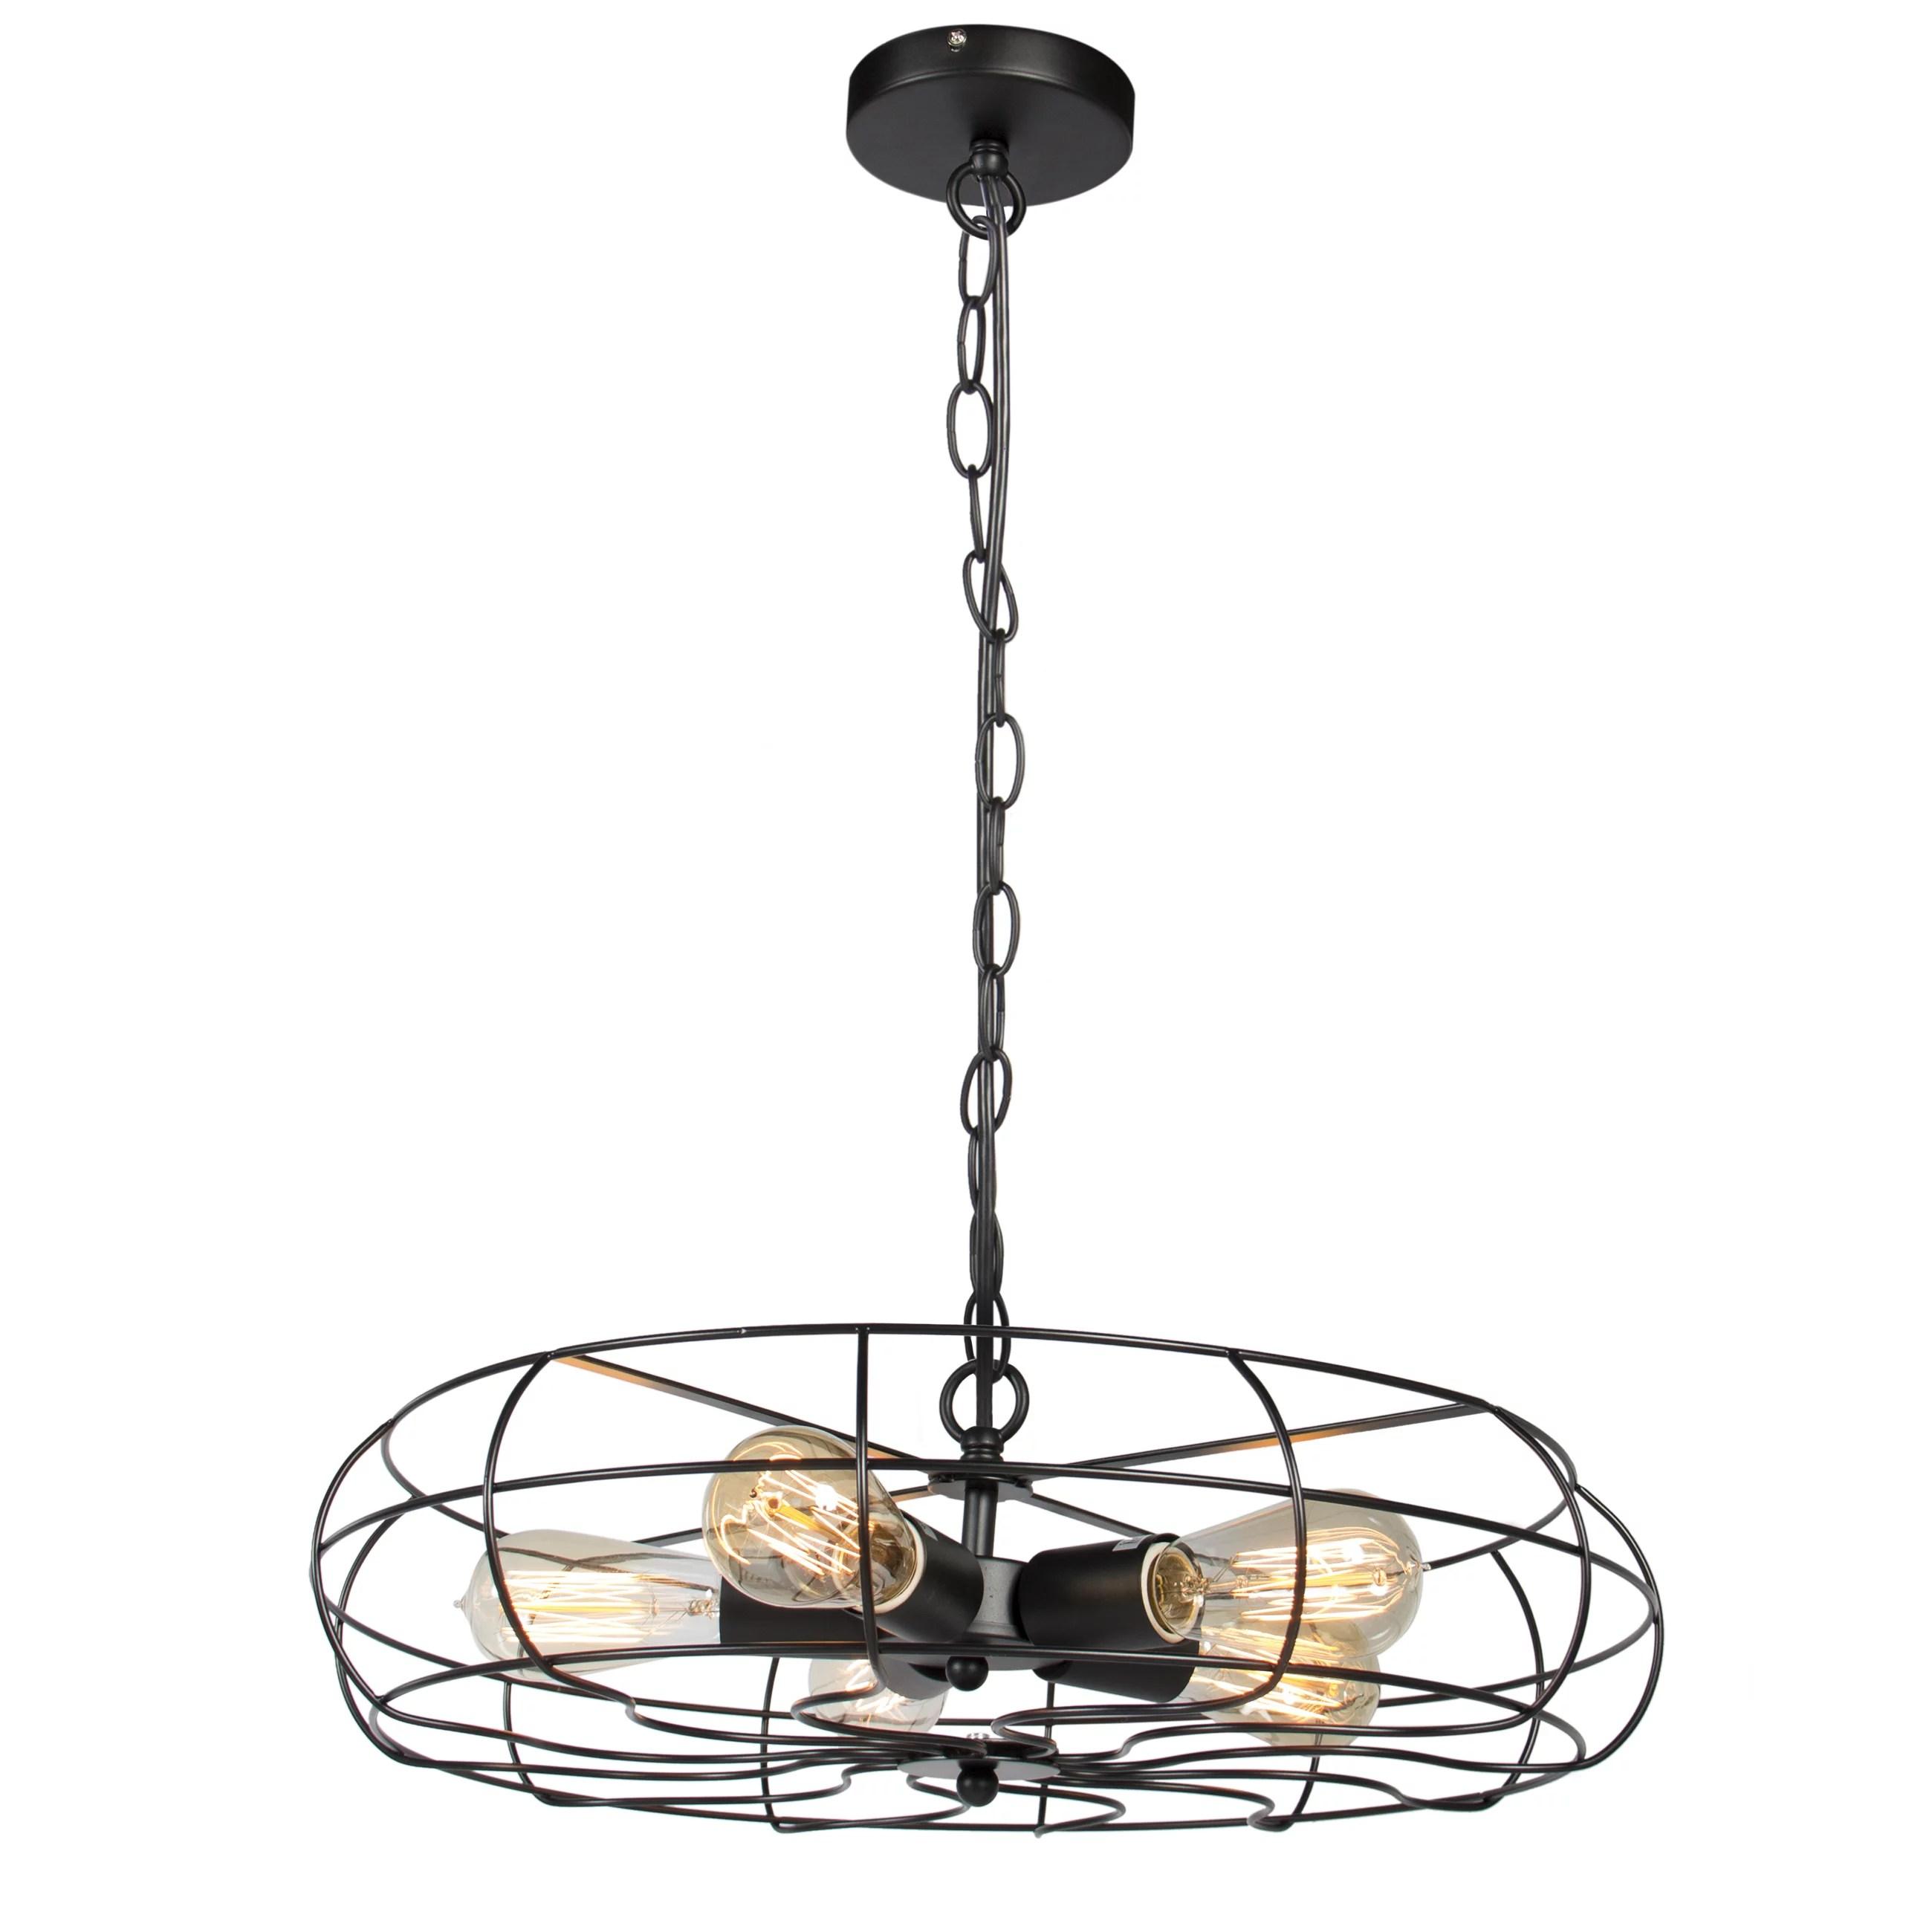 Industrial Vintage 5 Chandelier Ceiling Lighting Lights Metal Hanging Fixture